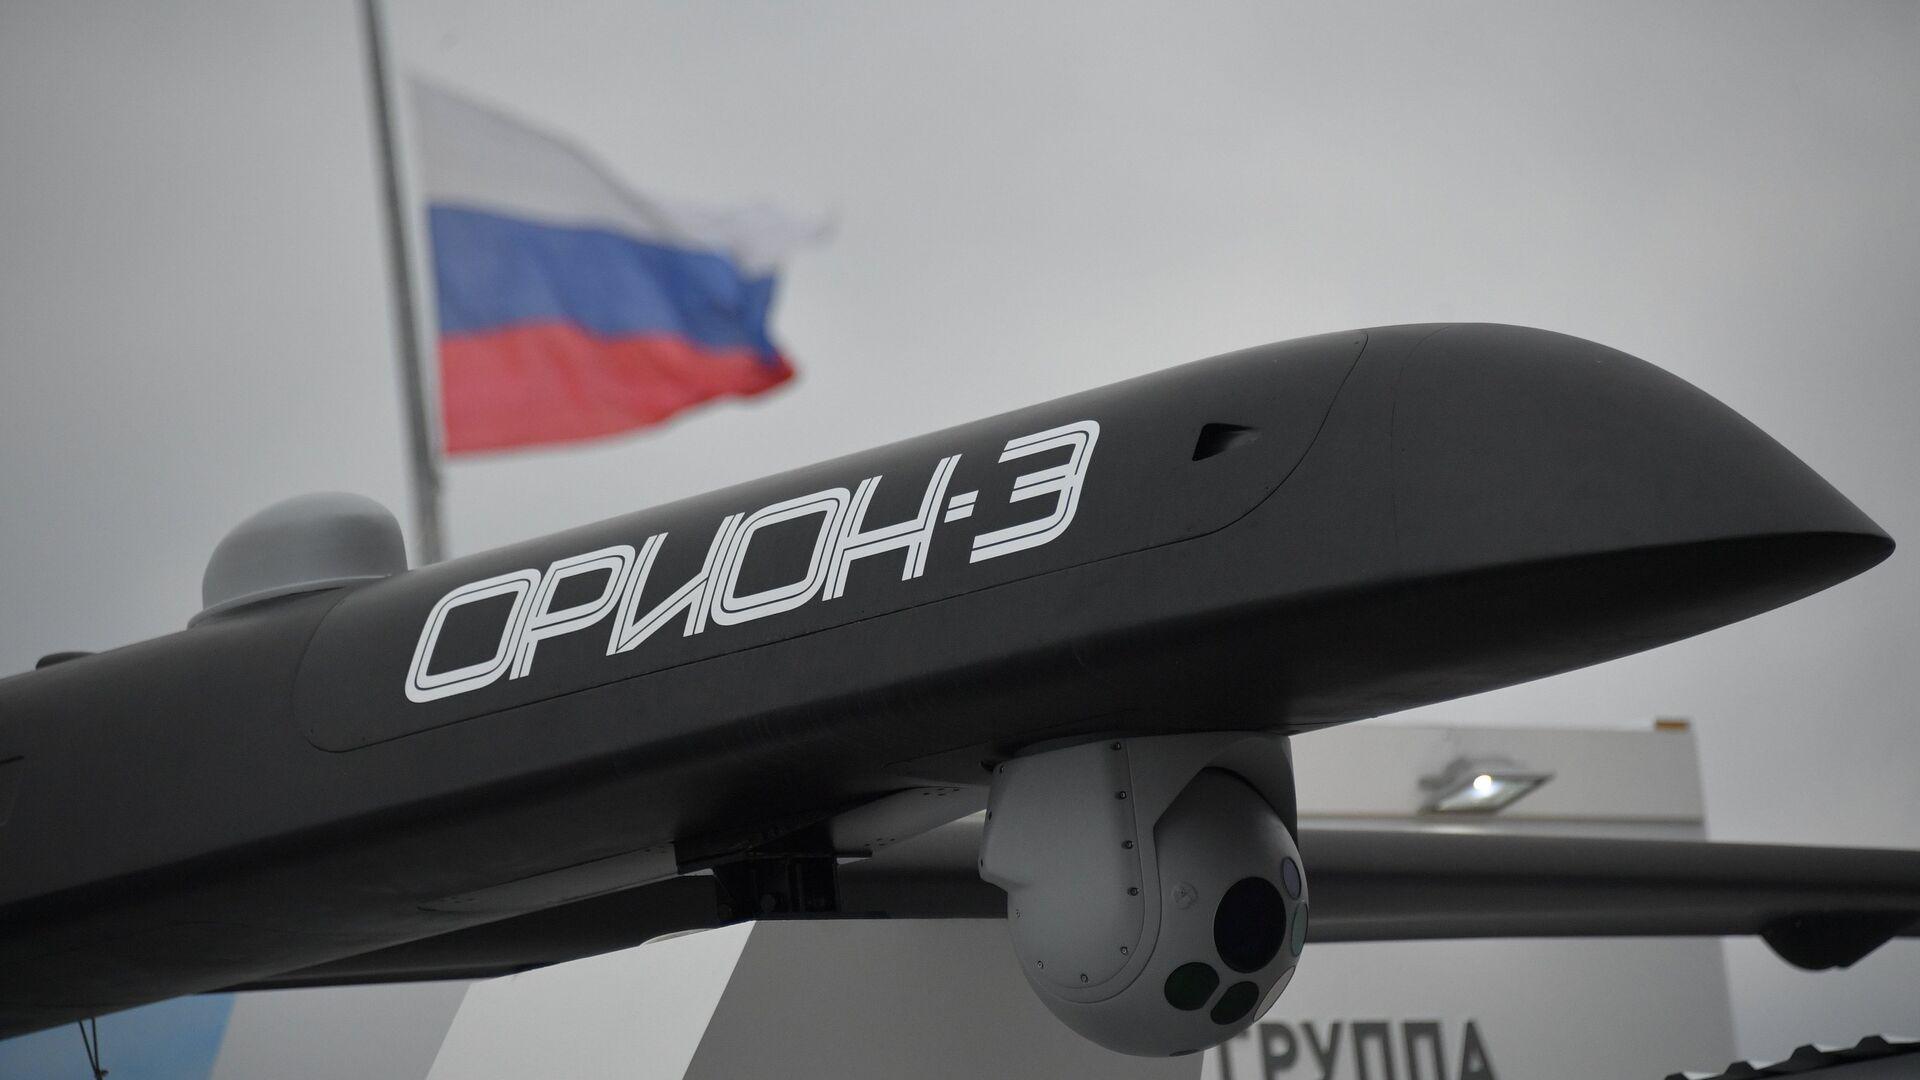 Беспилотный летательный аппарат Орион-Э на форуме Армия-2018 в Кубинке - РИА Новости, 1920, 20.07.2021